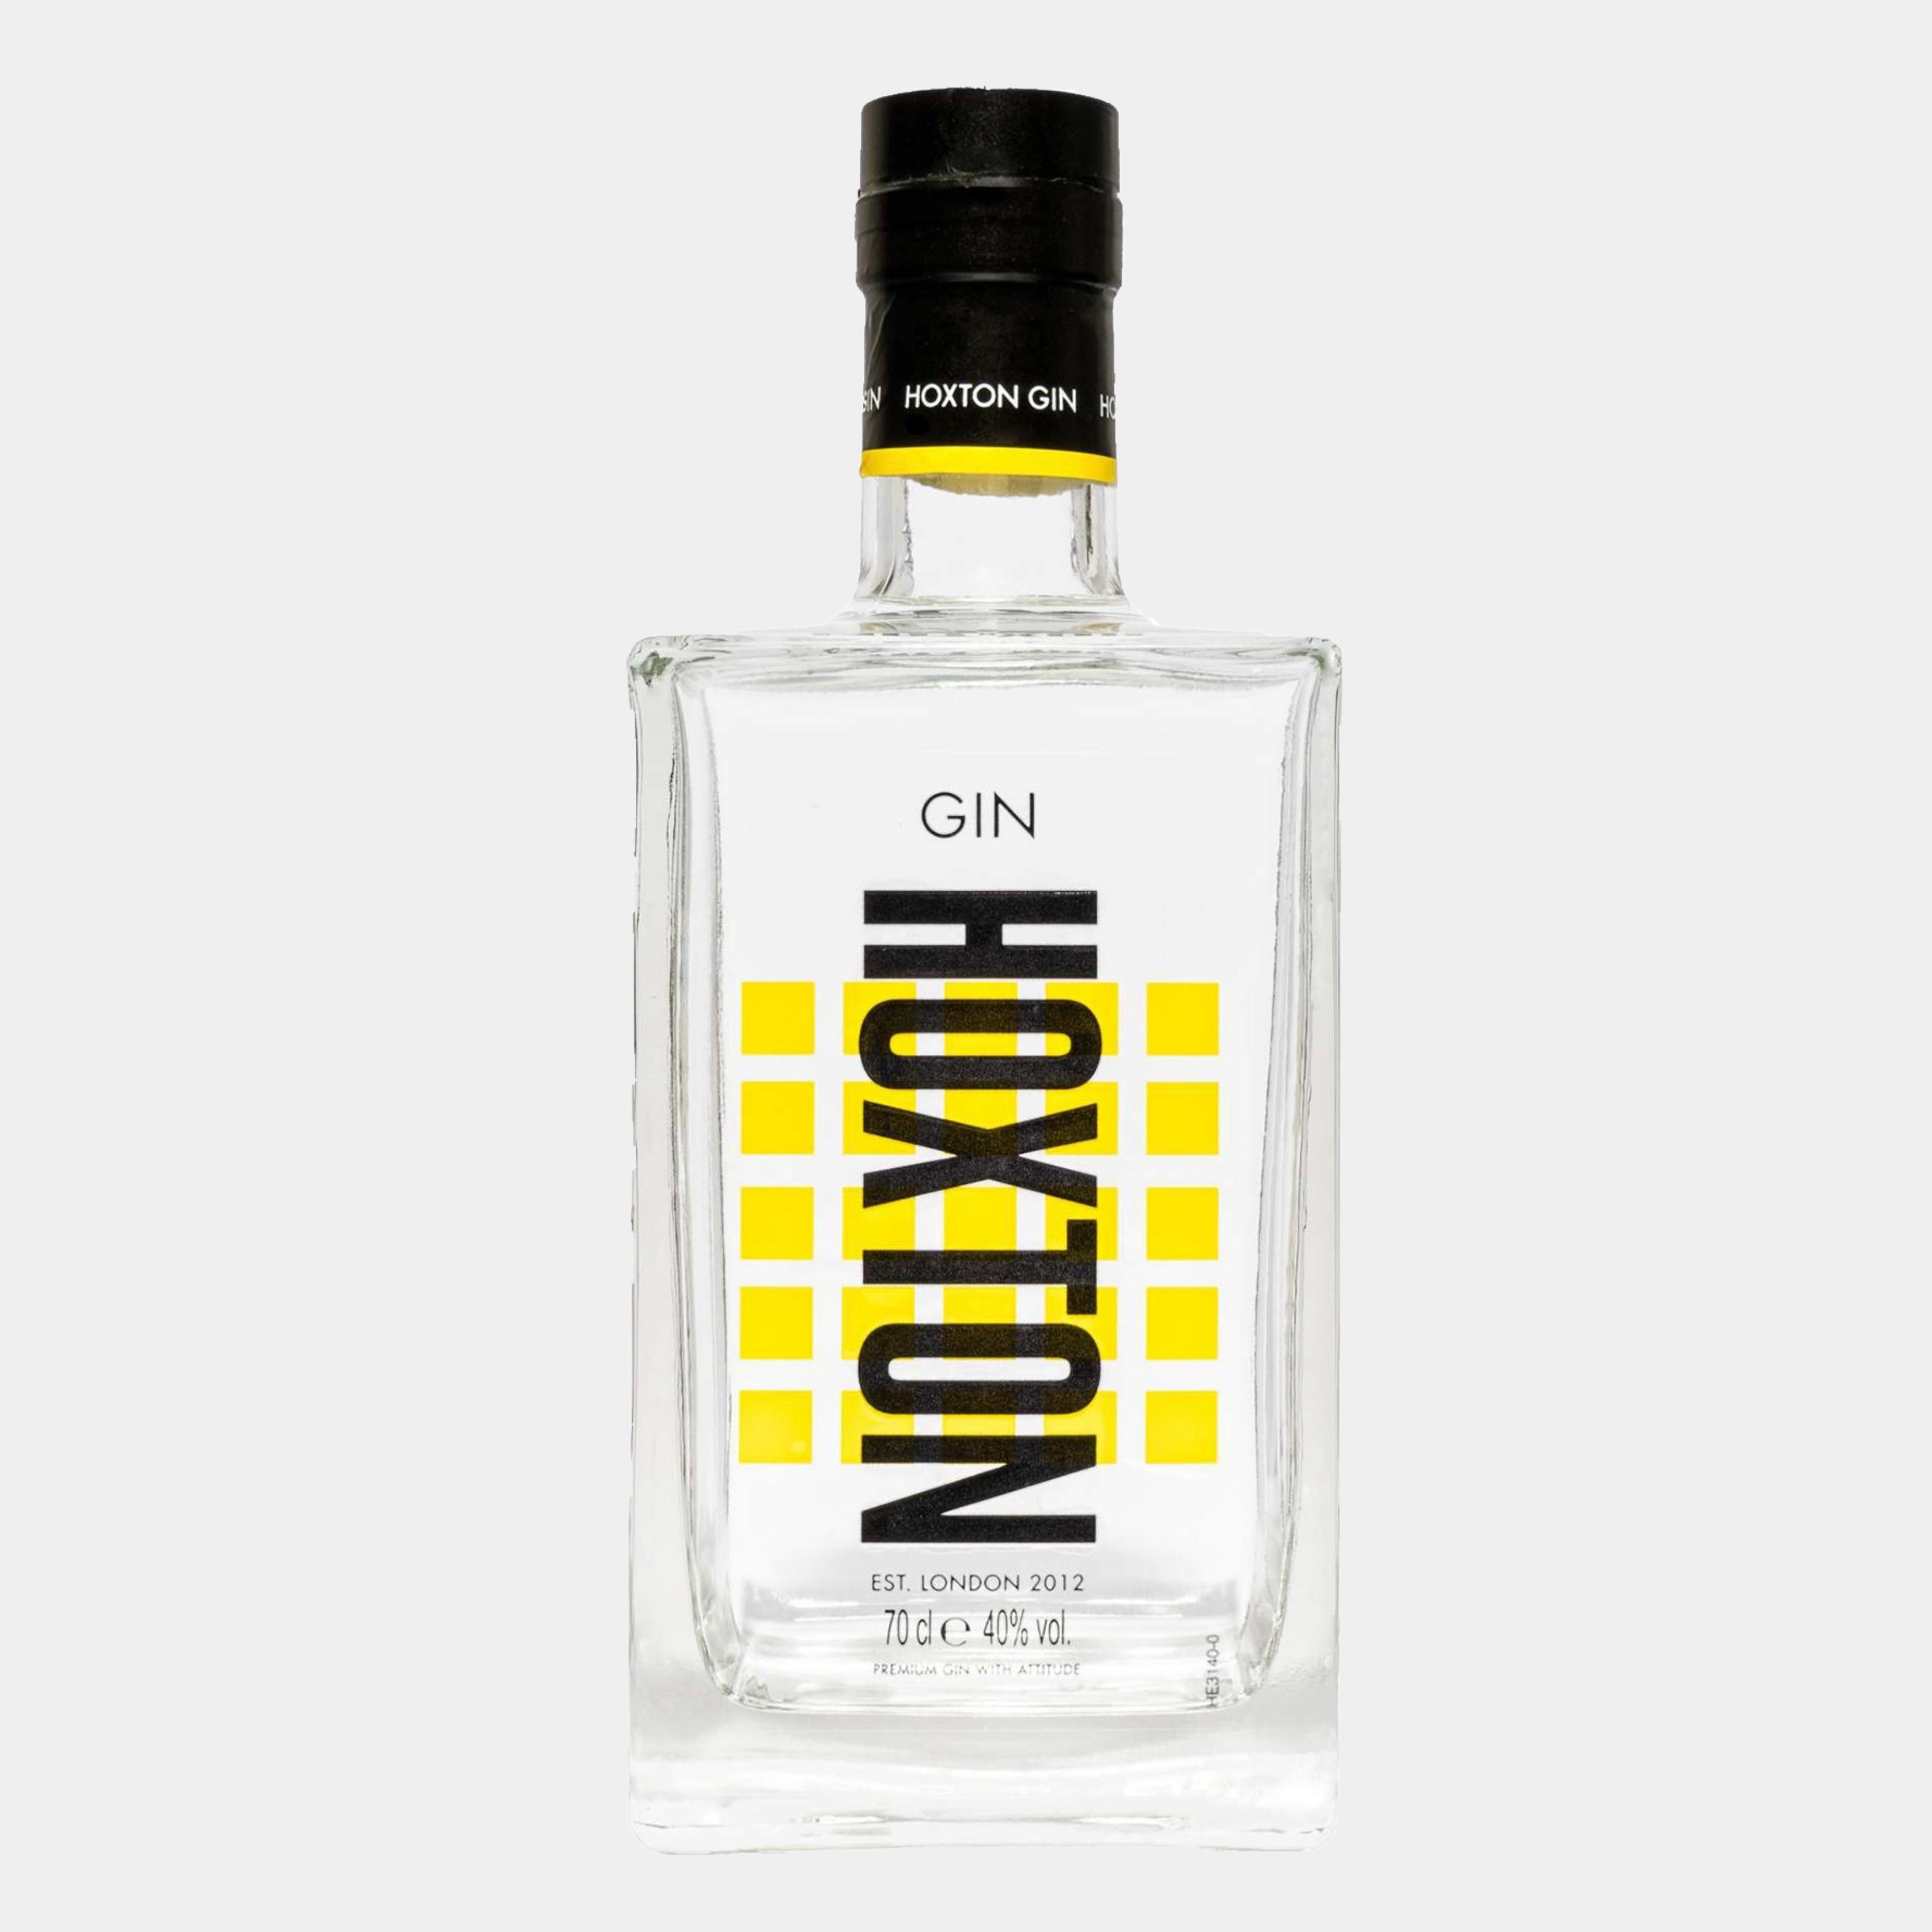 Hoxton Gin 0.7L 43% Alk.